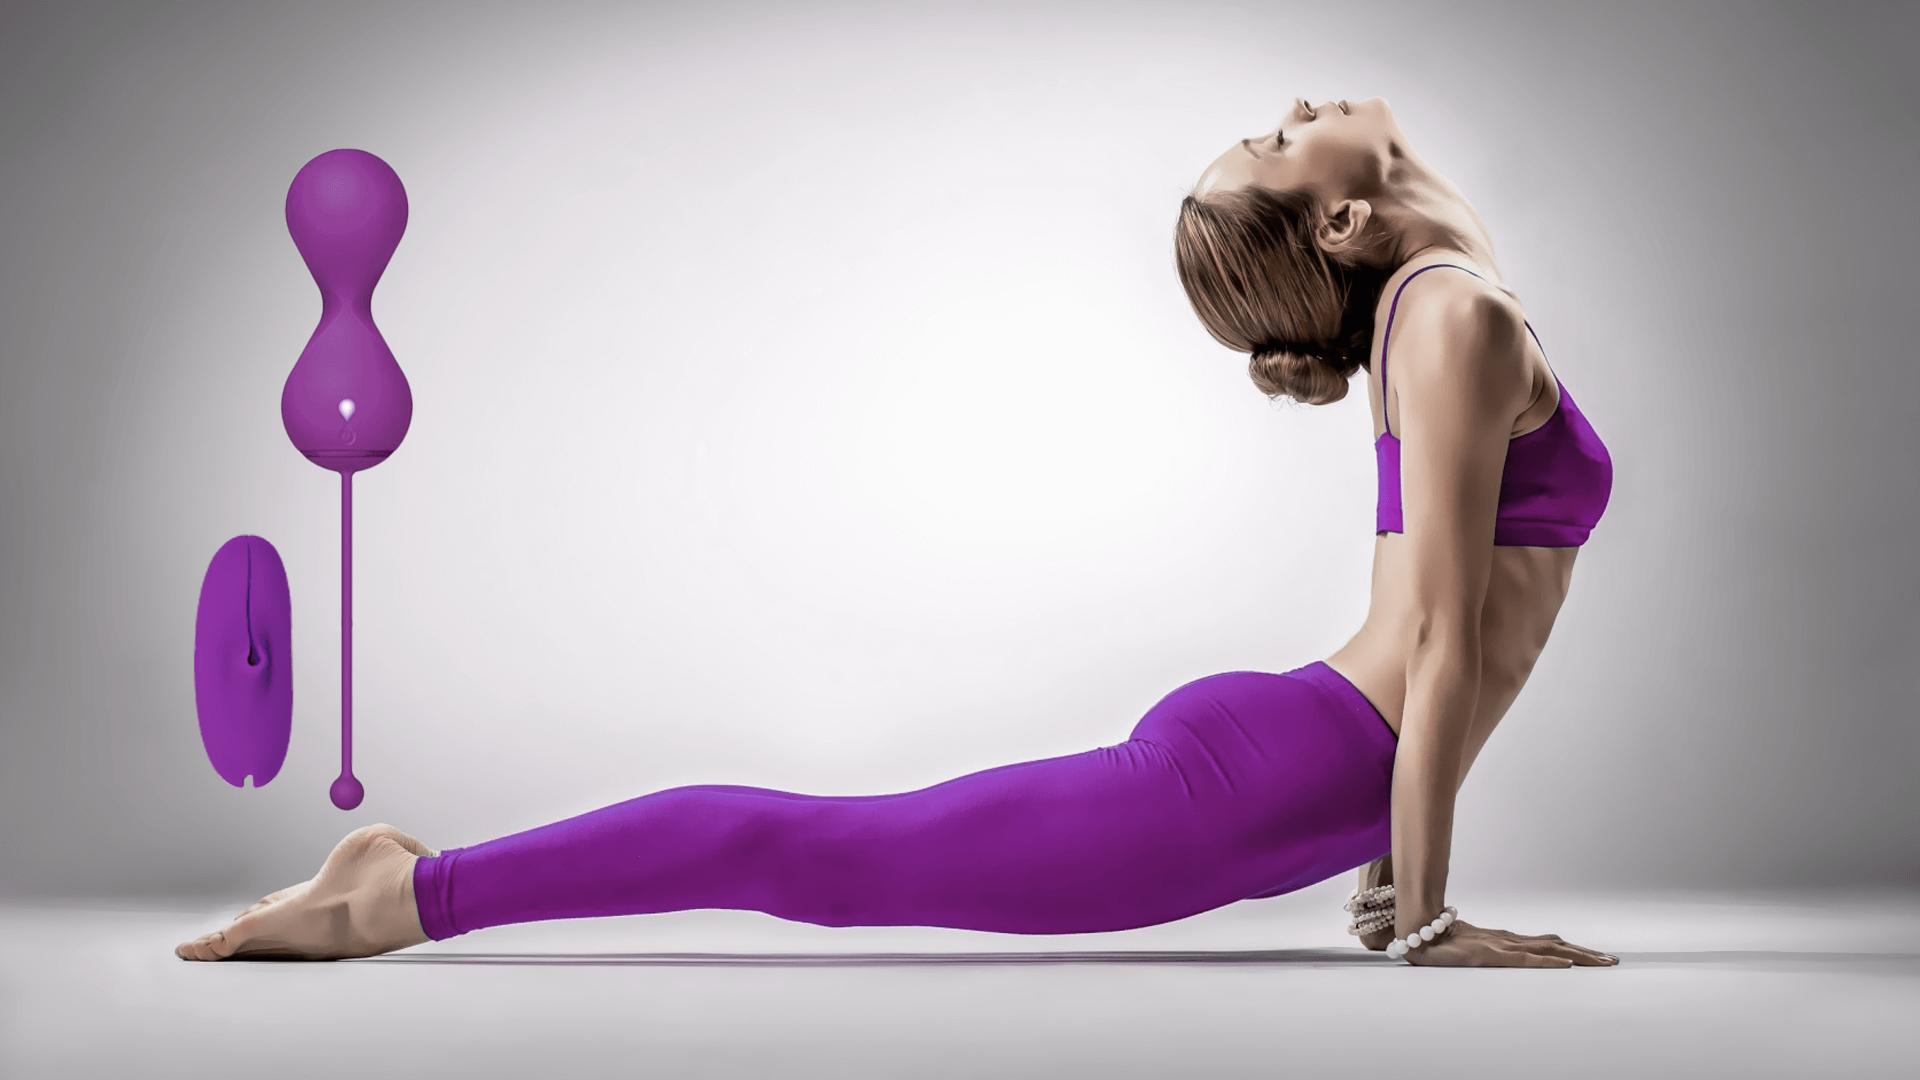 Как делать упражнения кегеля — как выполнять в домашних условиях и на тренажерах. продолжительность тренировок и советы по укреплению мышц влагалища (115 фото)